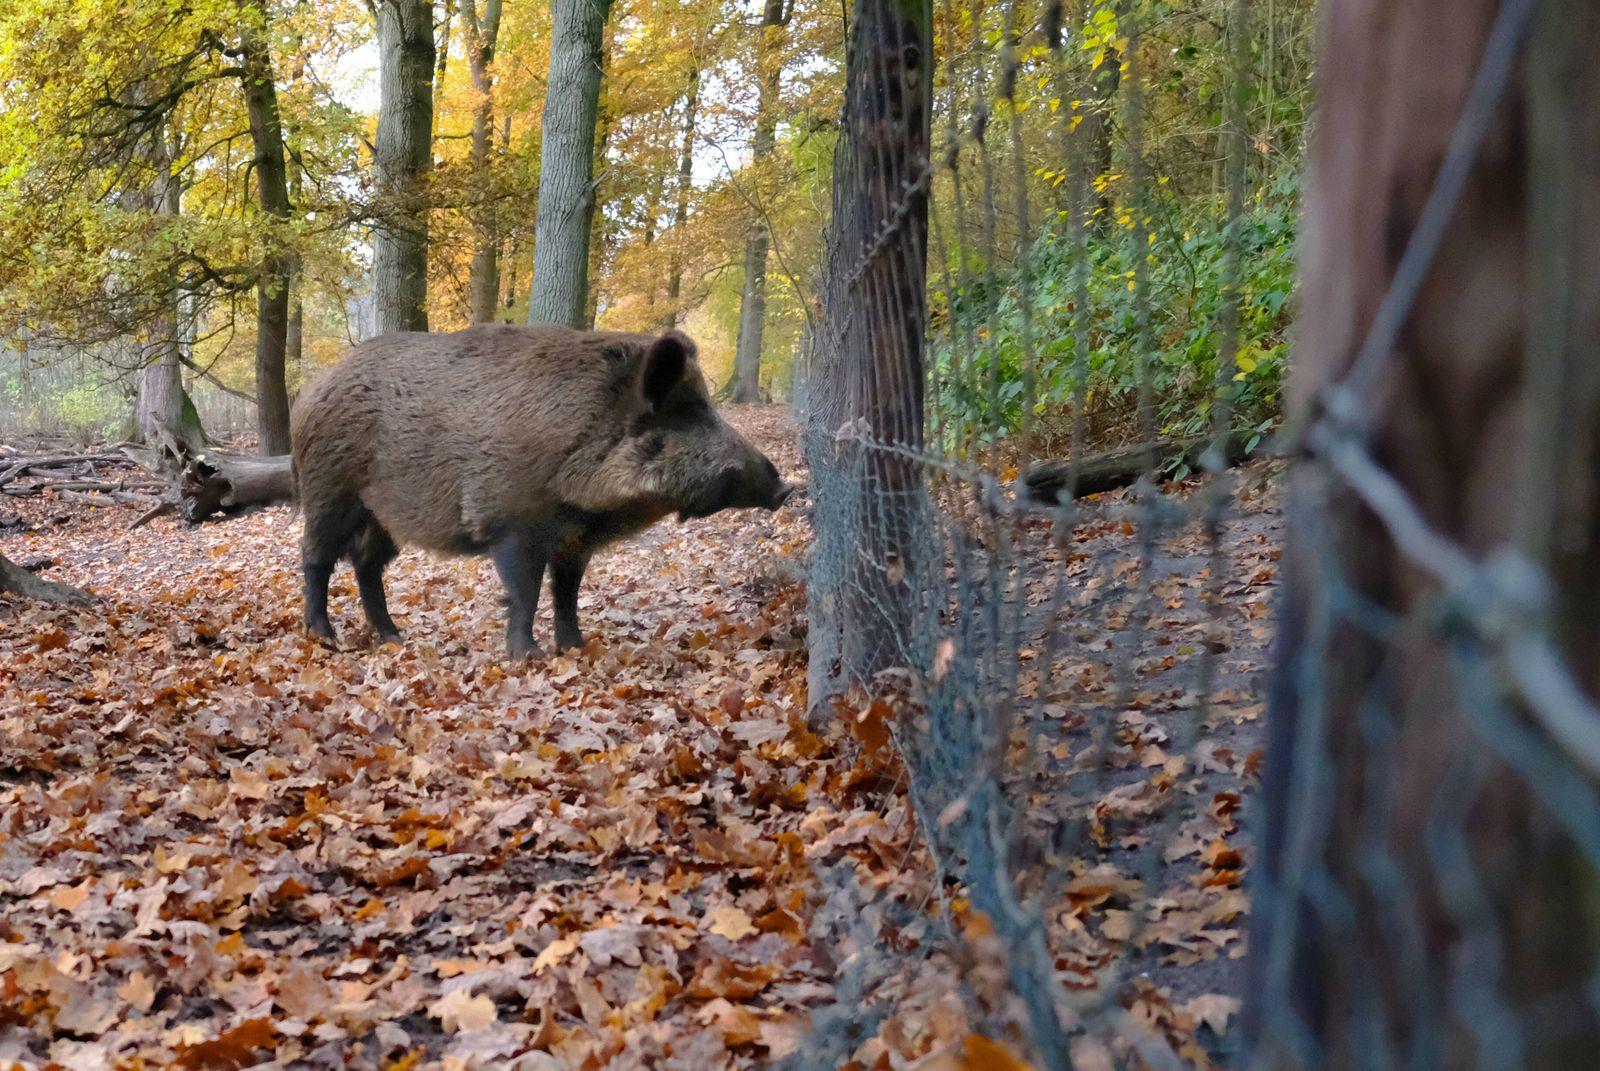 u.B.z. Wildschweine im Wildtiergehege in verschidenen Aktionen. Wildschweine *** u B z Wild boar in wild animal enclosu